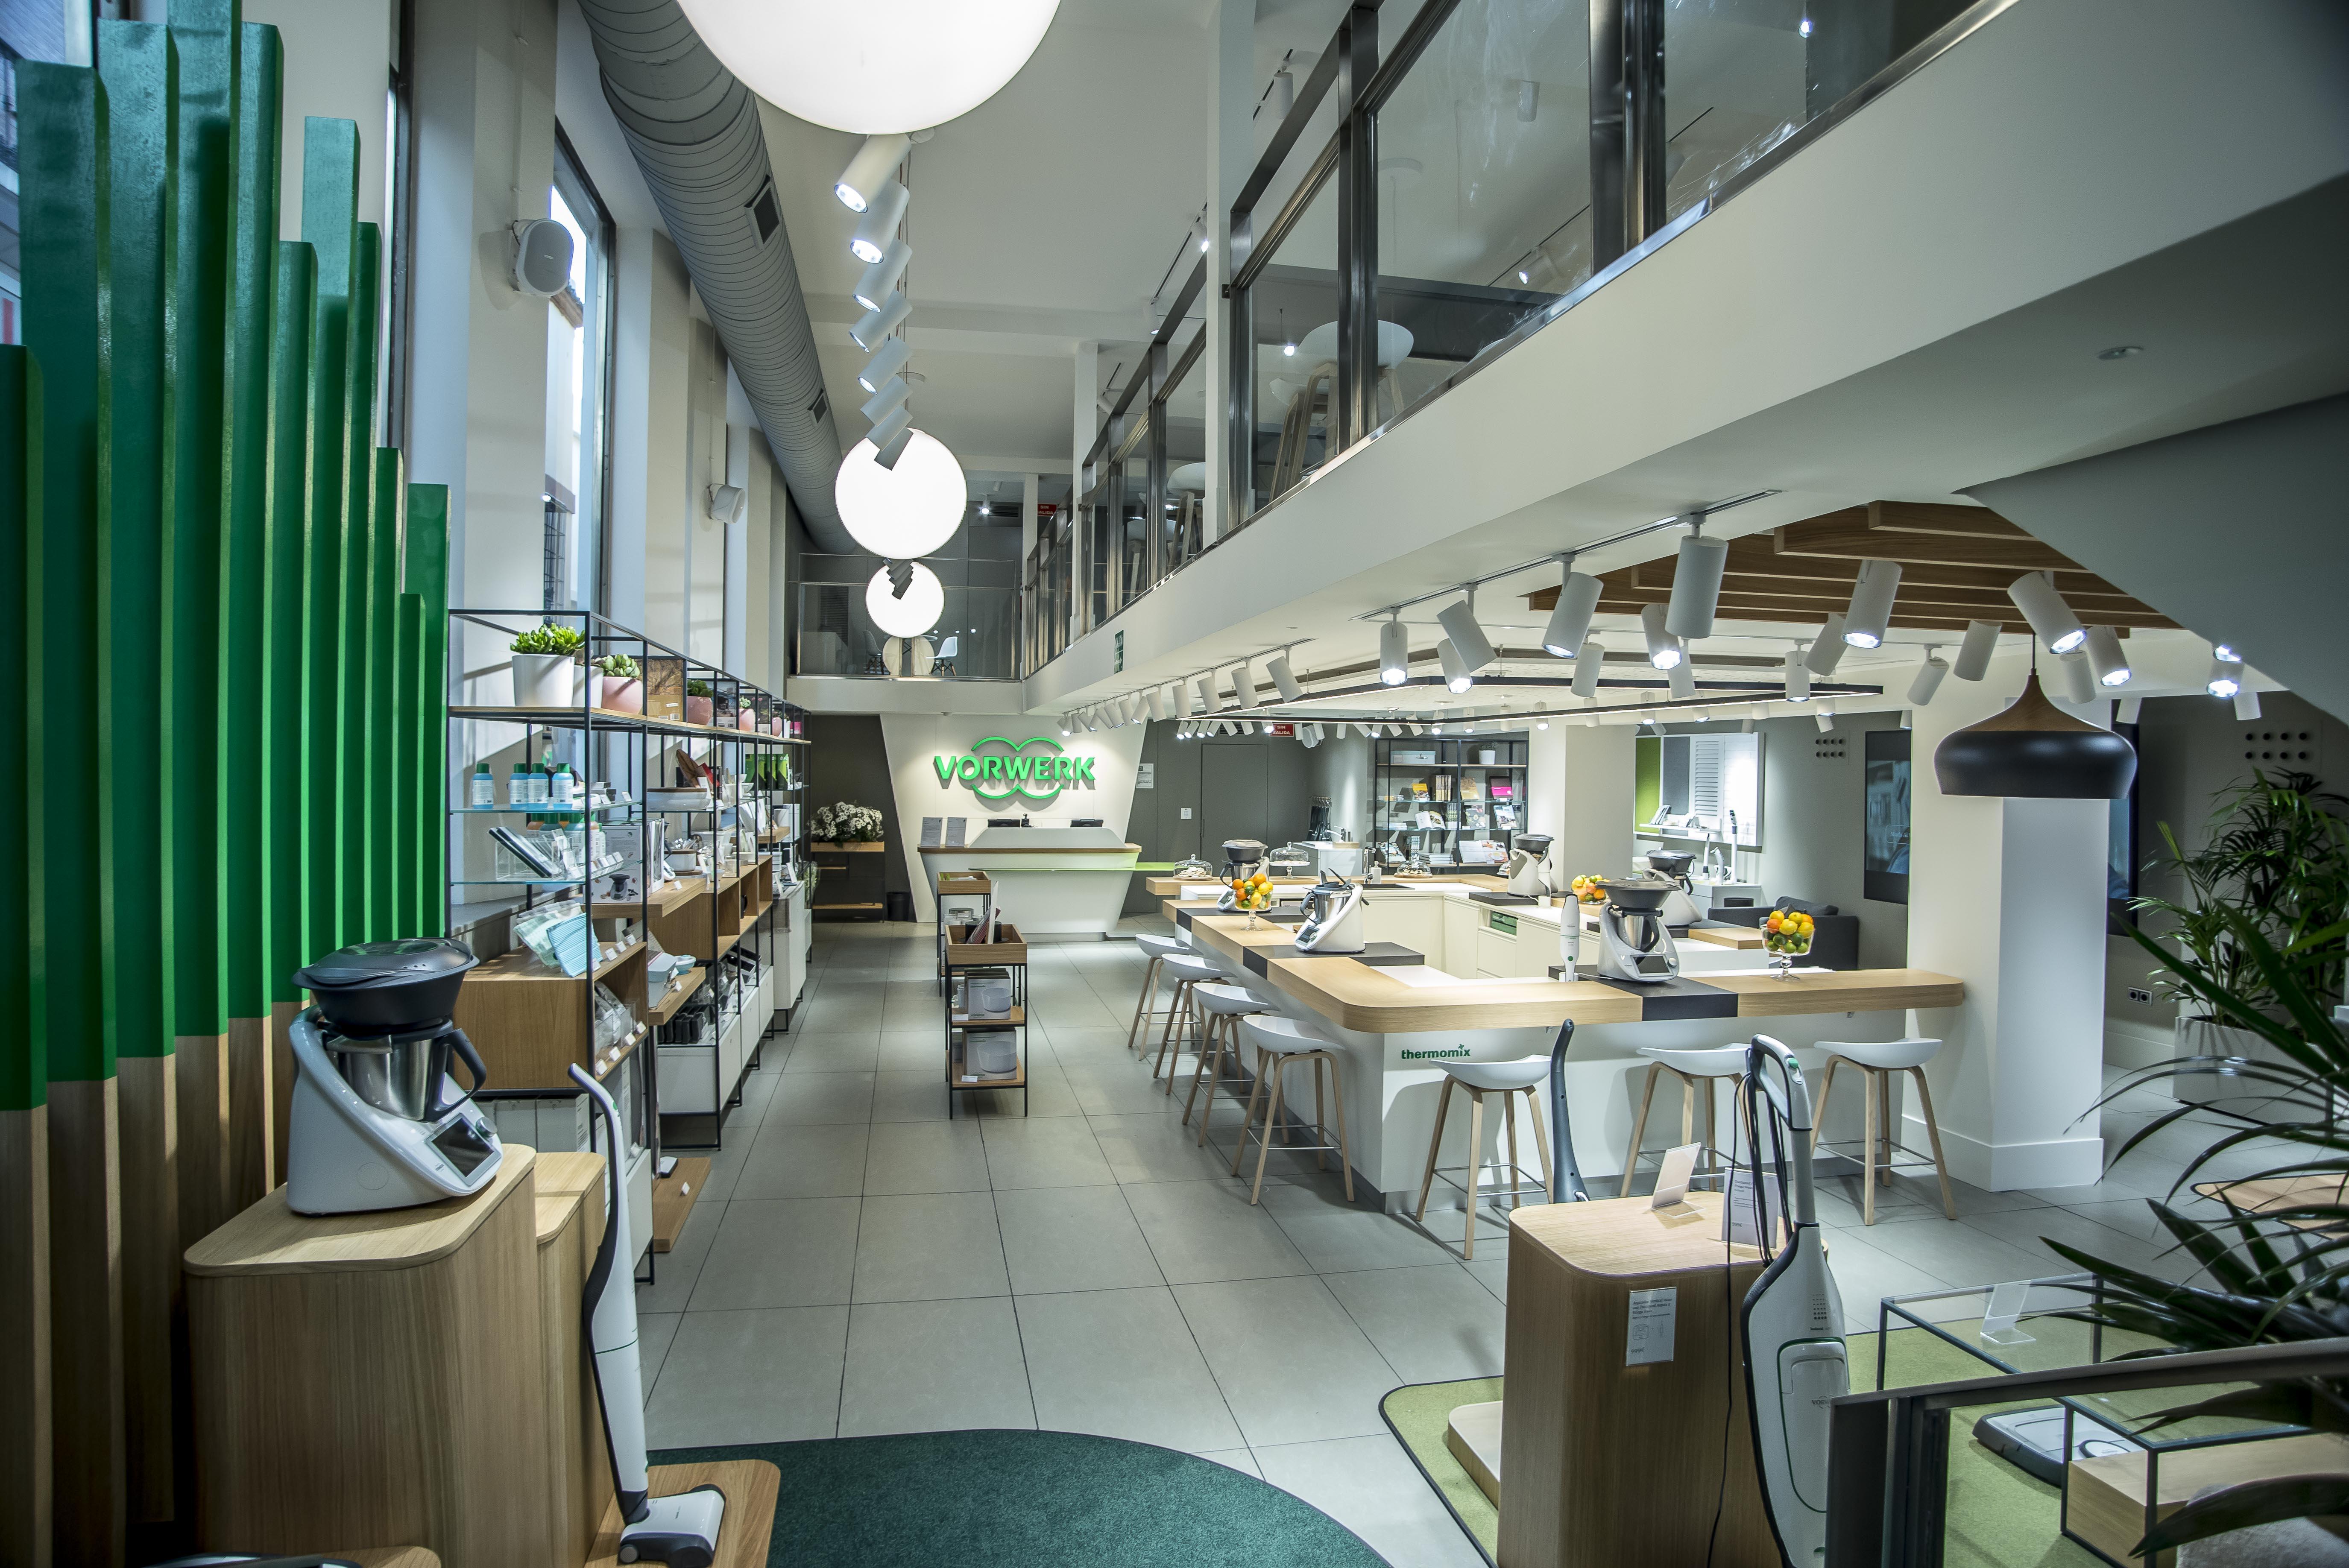 Vorwerk se instala en Sevilla con tienda propia